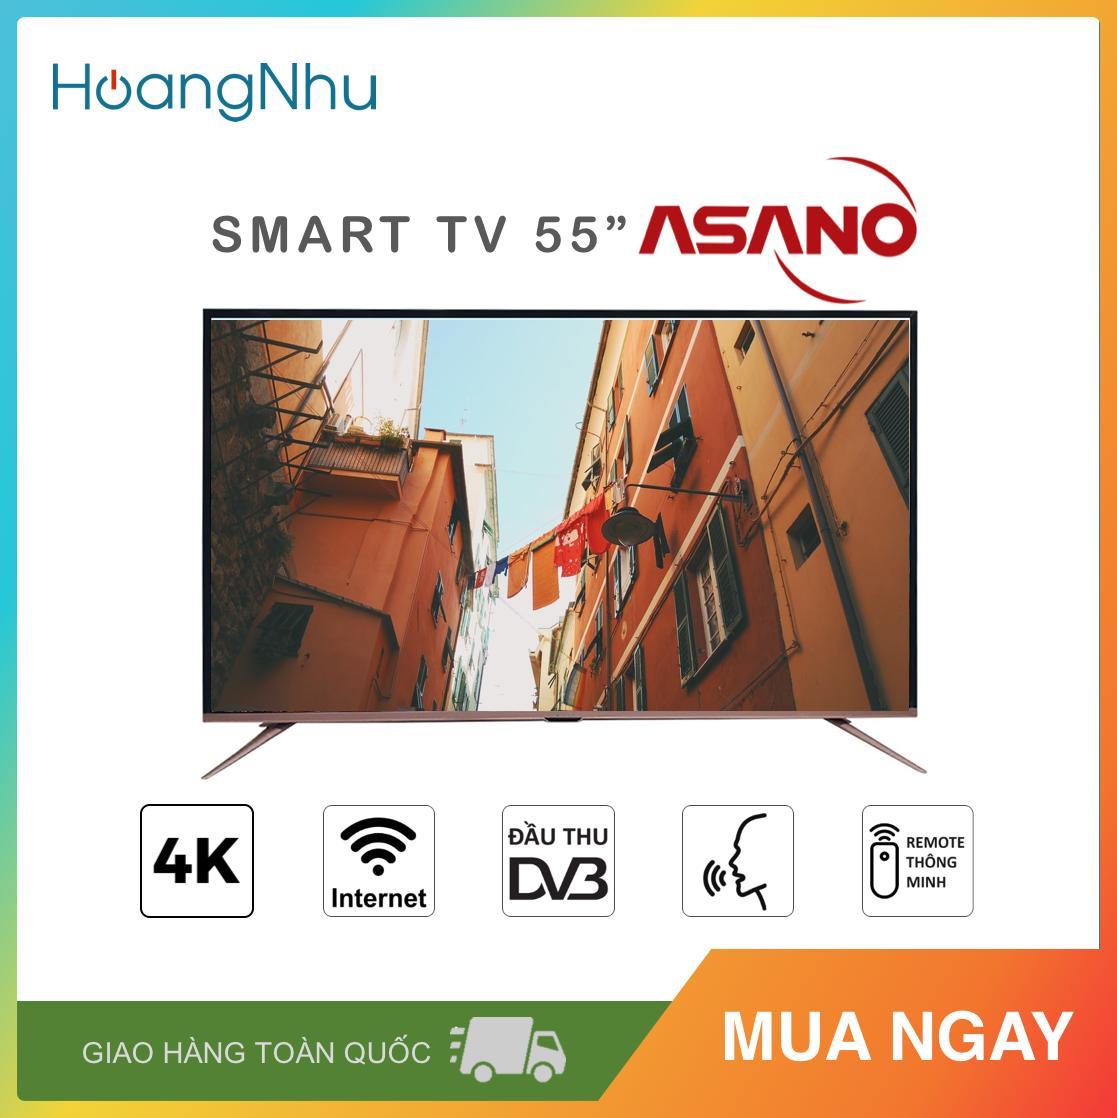 Bảng giá Smart Voice TV 4K Asano 55 inch Kết nối Internet Wifi 55EK7 (UHD 4K, Hệ điều hành 7.1.1, Điều khiển giọng nói, Bluetooth, Truyền hình KTS, màu đen) - Bảo hành toàn quốc 2 năm